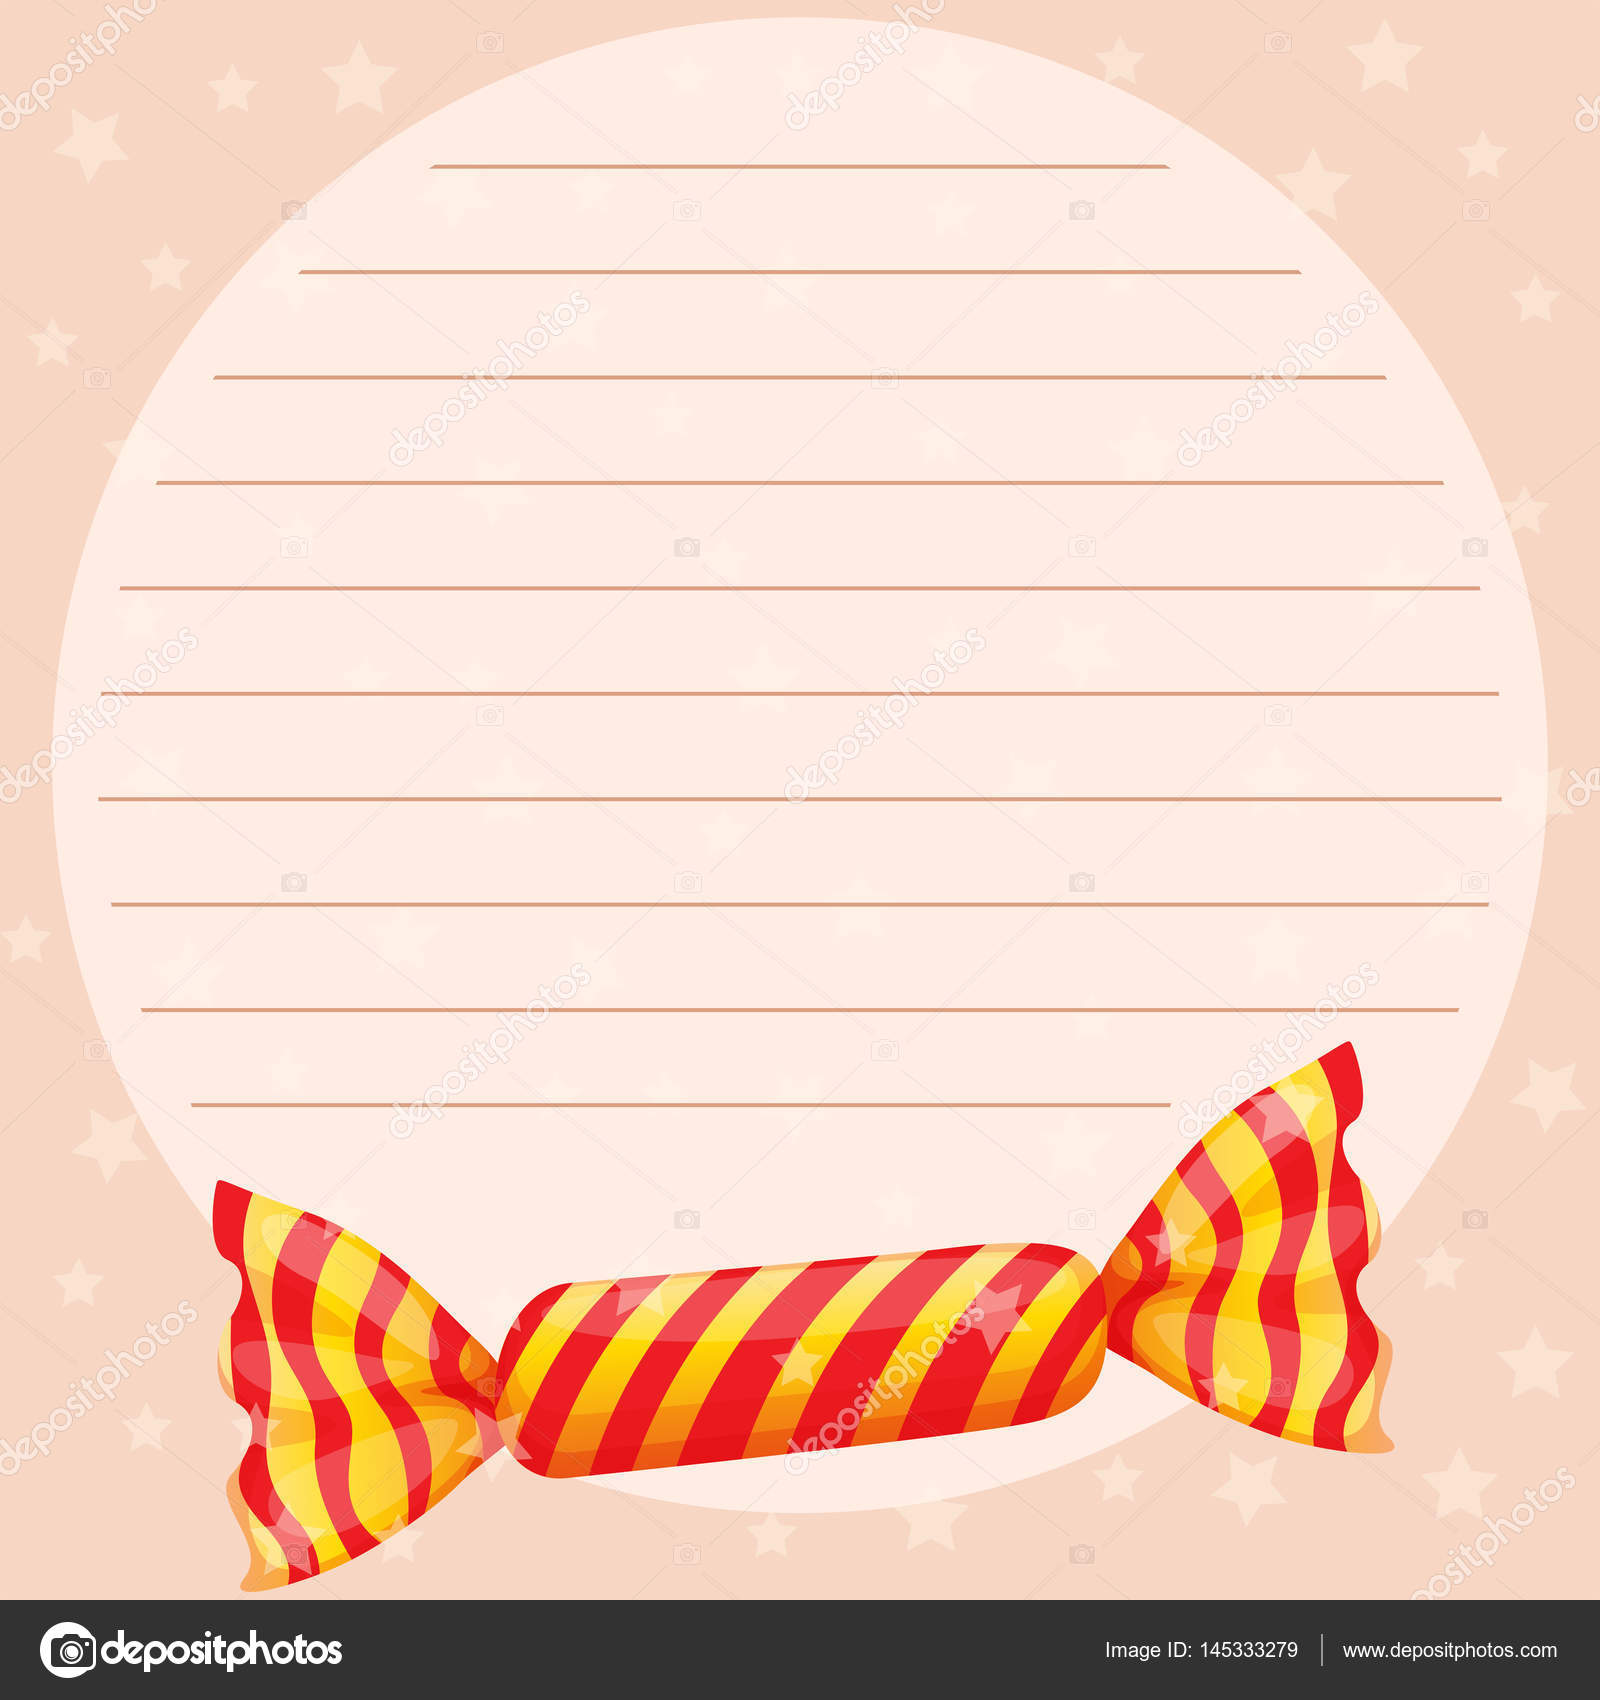 Plantilla de papel la línea con el dulce caramelo — Vector de stock ...